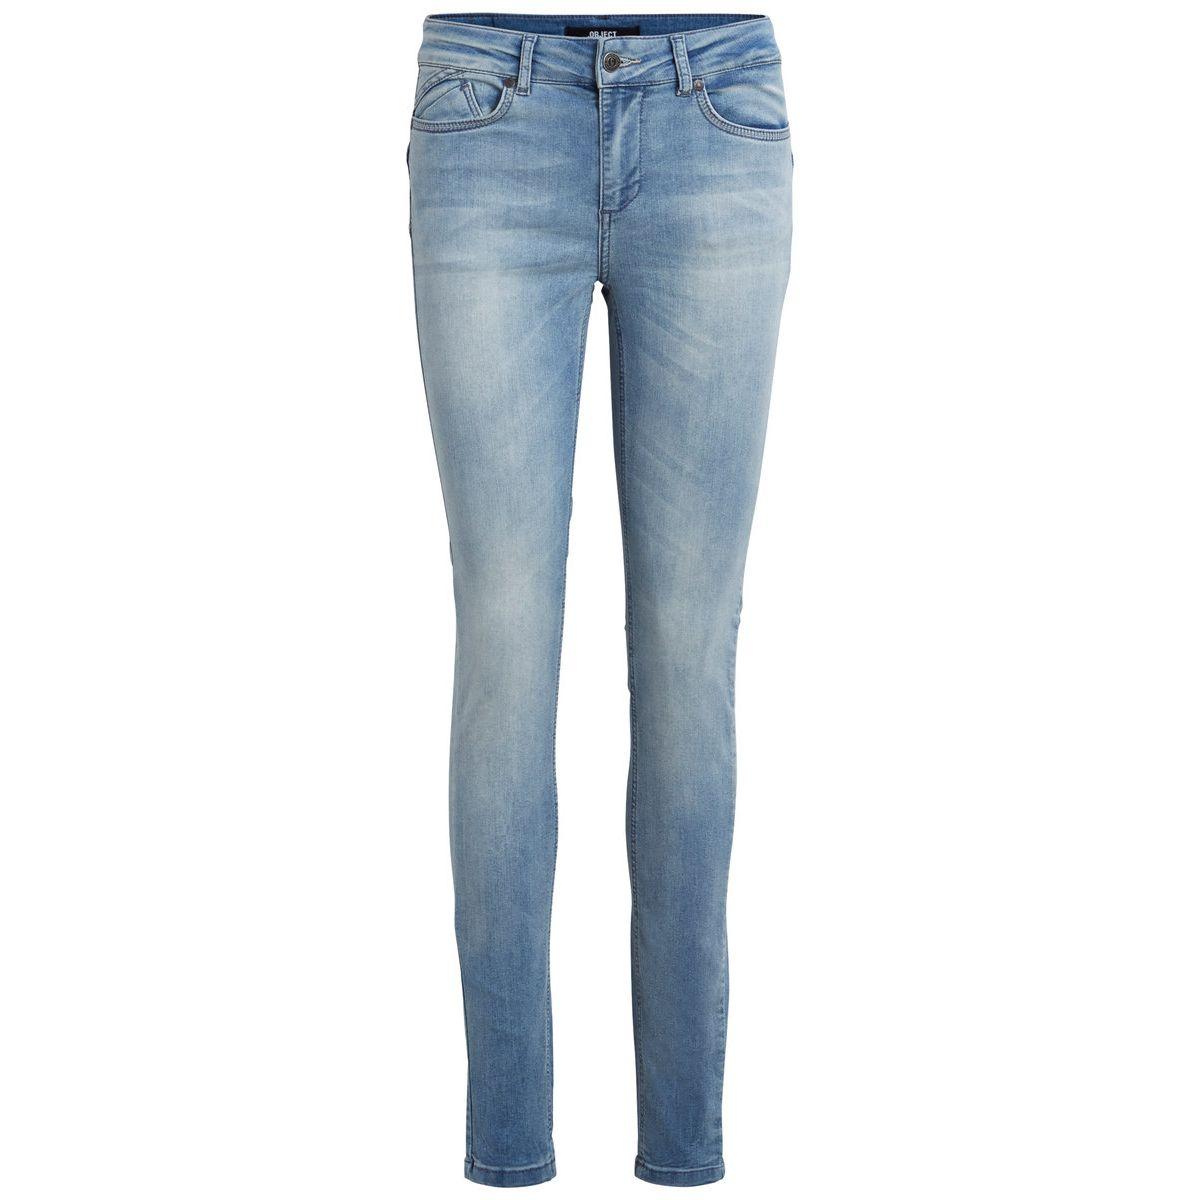 Aktuelle Angebote Kaufroboter Die Discounter Suchmaschine Two Printed Circuit Mit Wegpunkten Von Prix City Is Object Skinny Fit Jeans